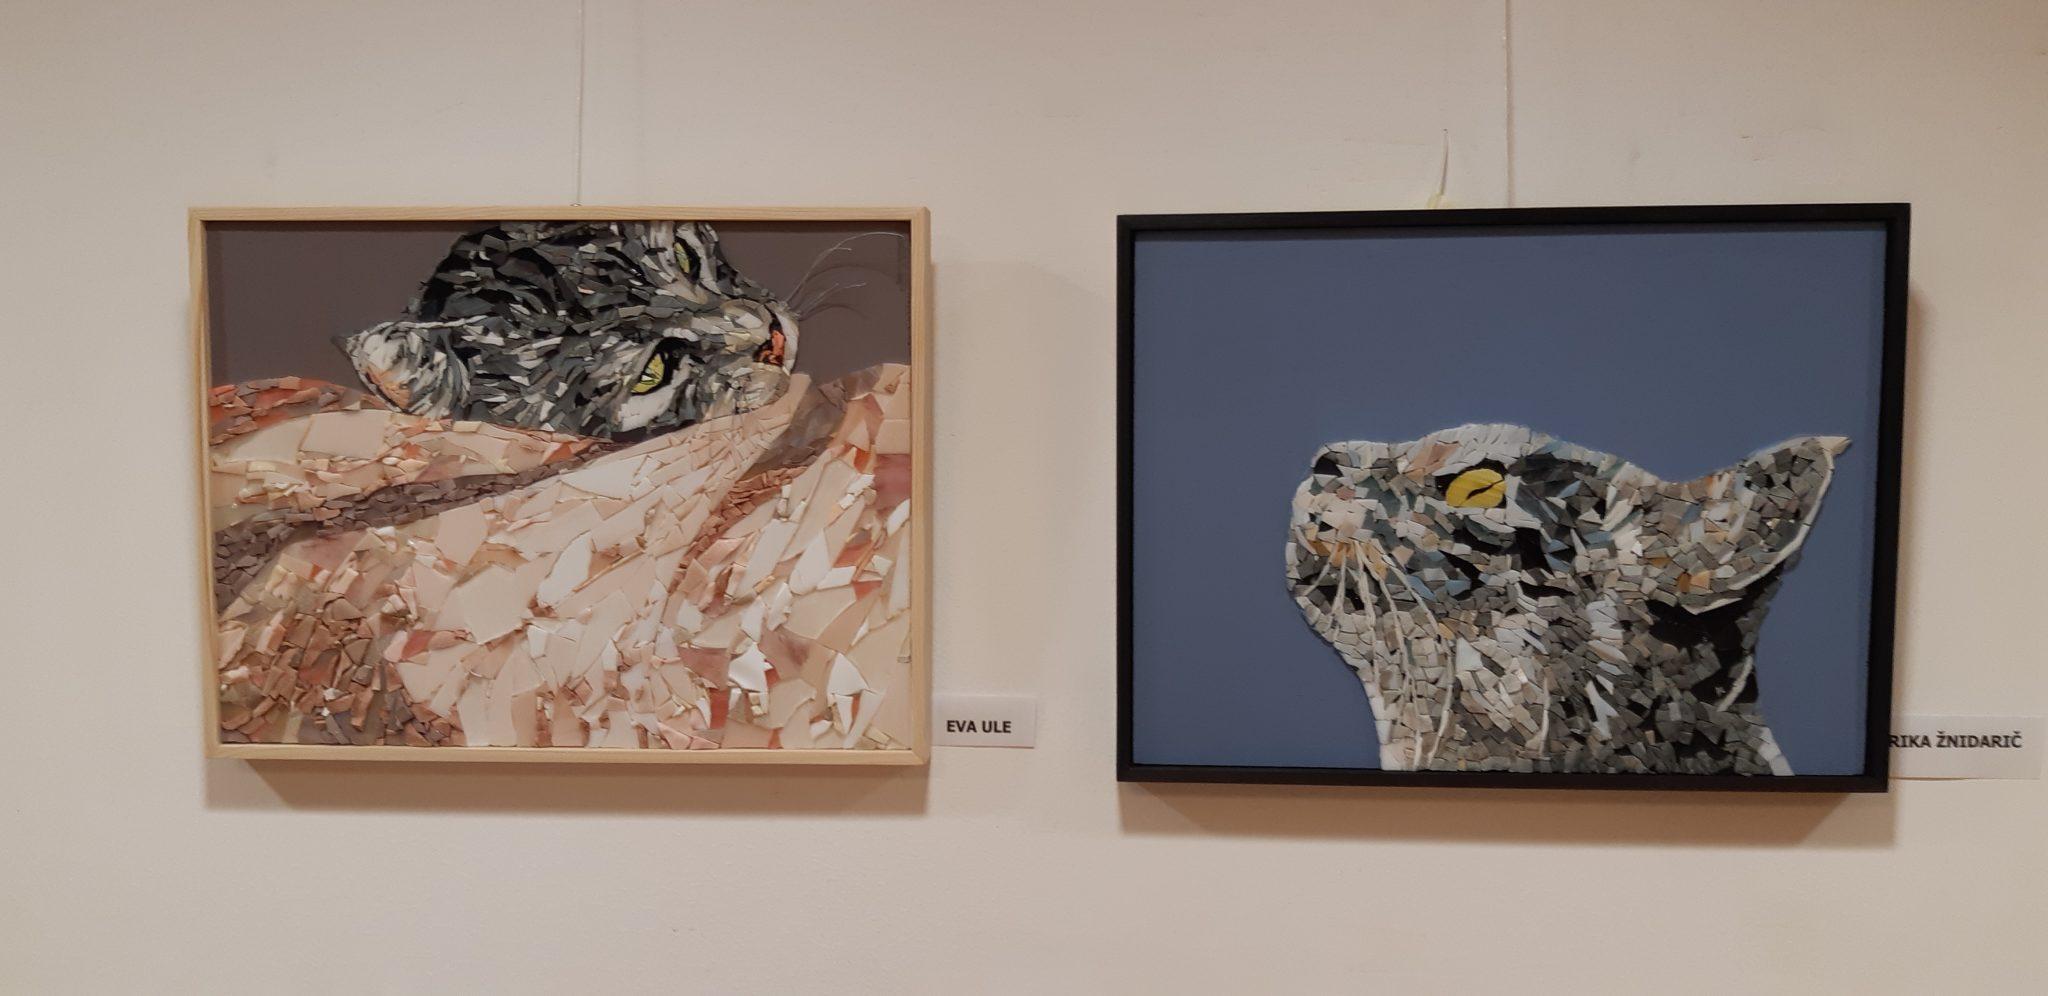 20190423 113439 - Pogled v živalski svet – razstava sekcije Mozaik KD Rak Rakek